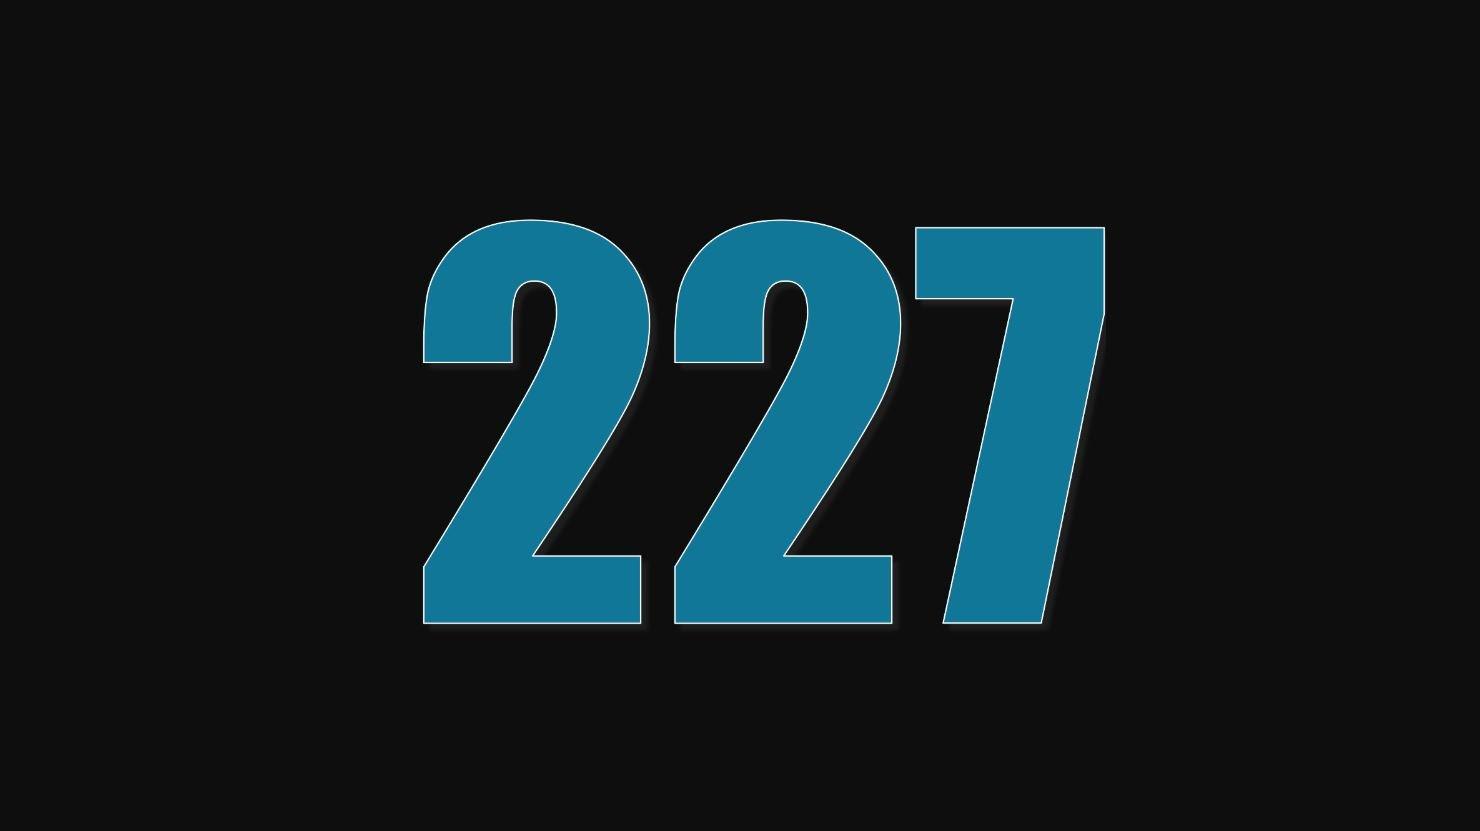 Il significato del numero 227